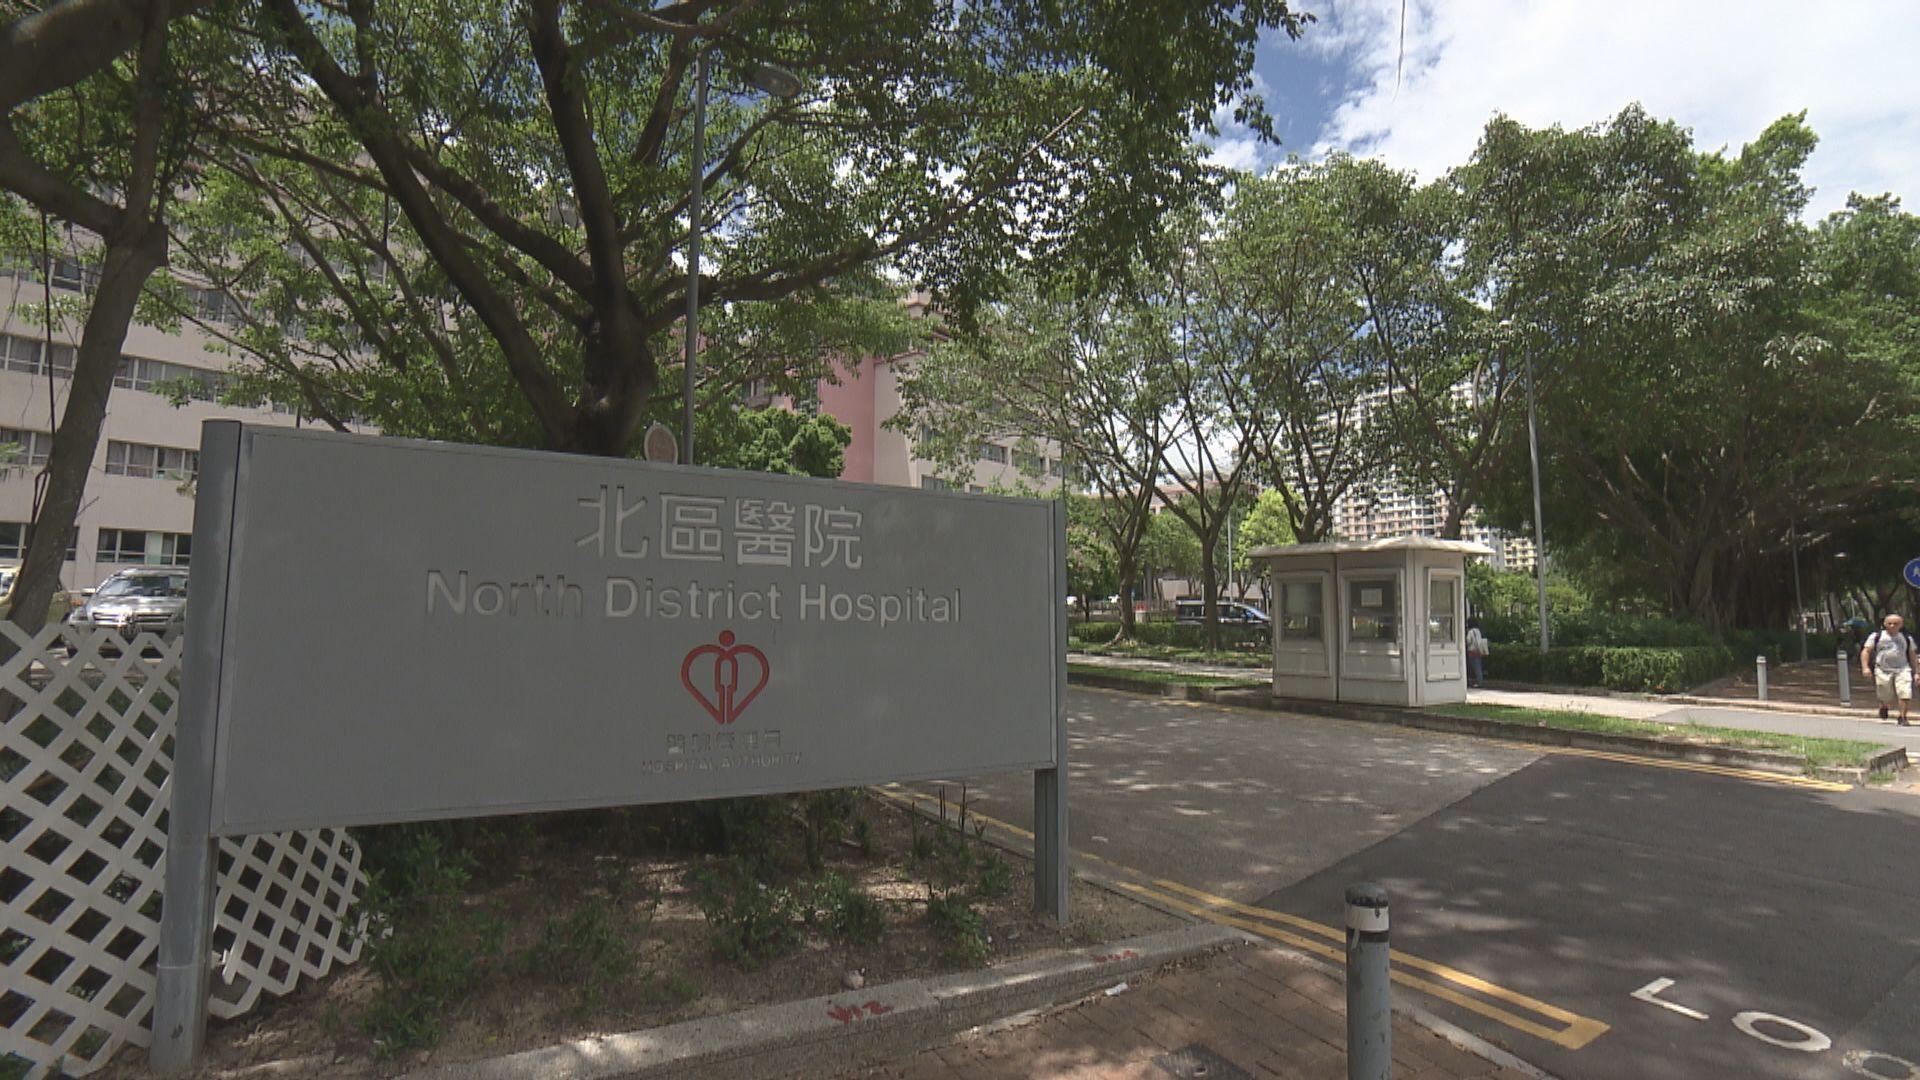 北區醫院指病人留院期間無提出投訴